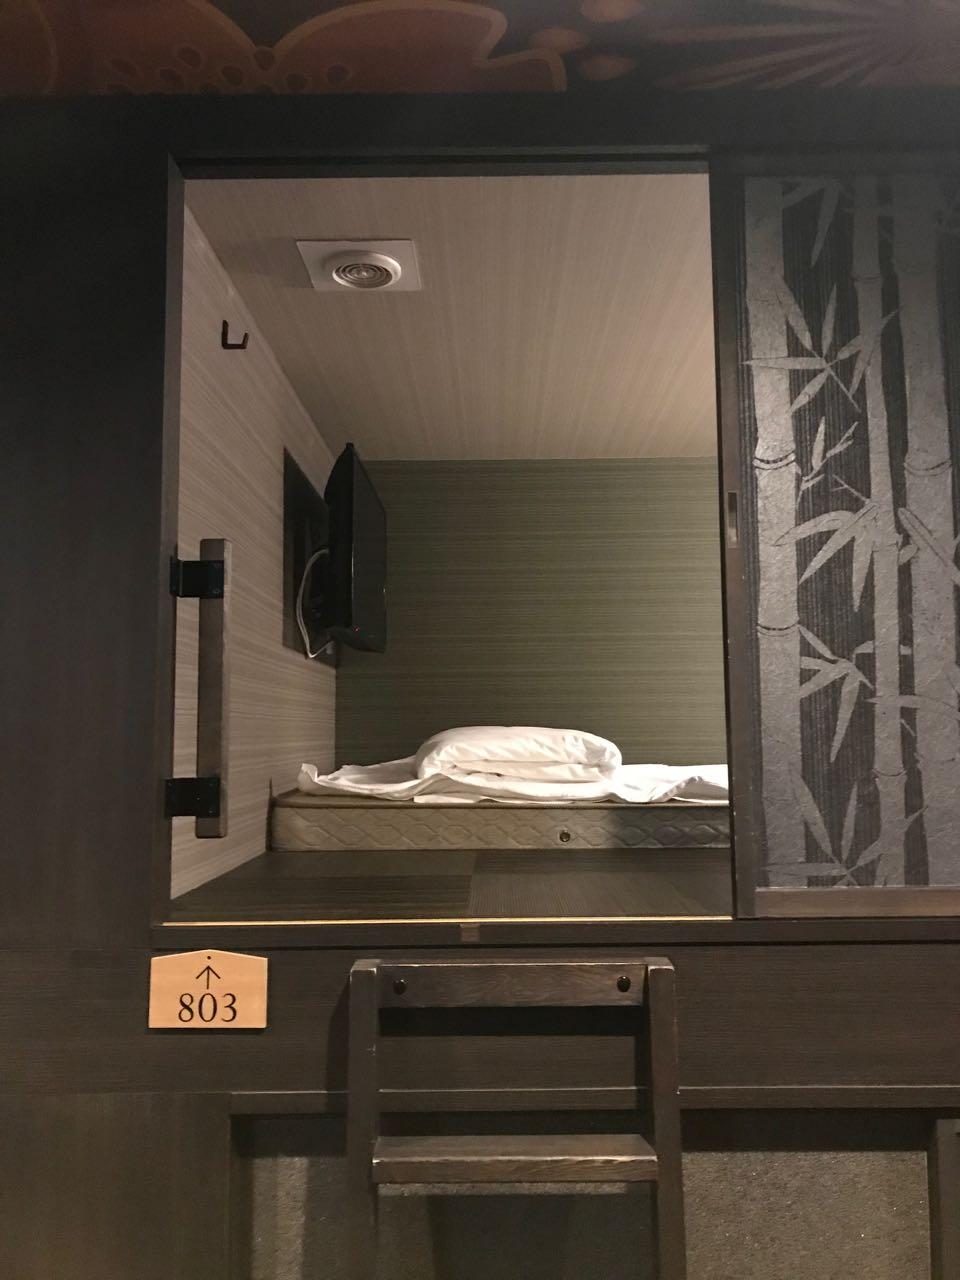 Pod hotel room.jpg